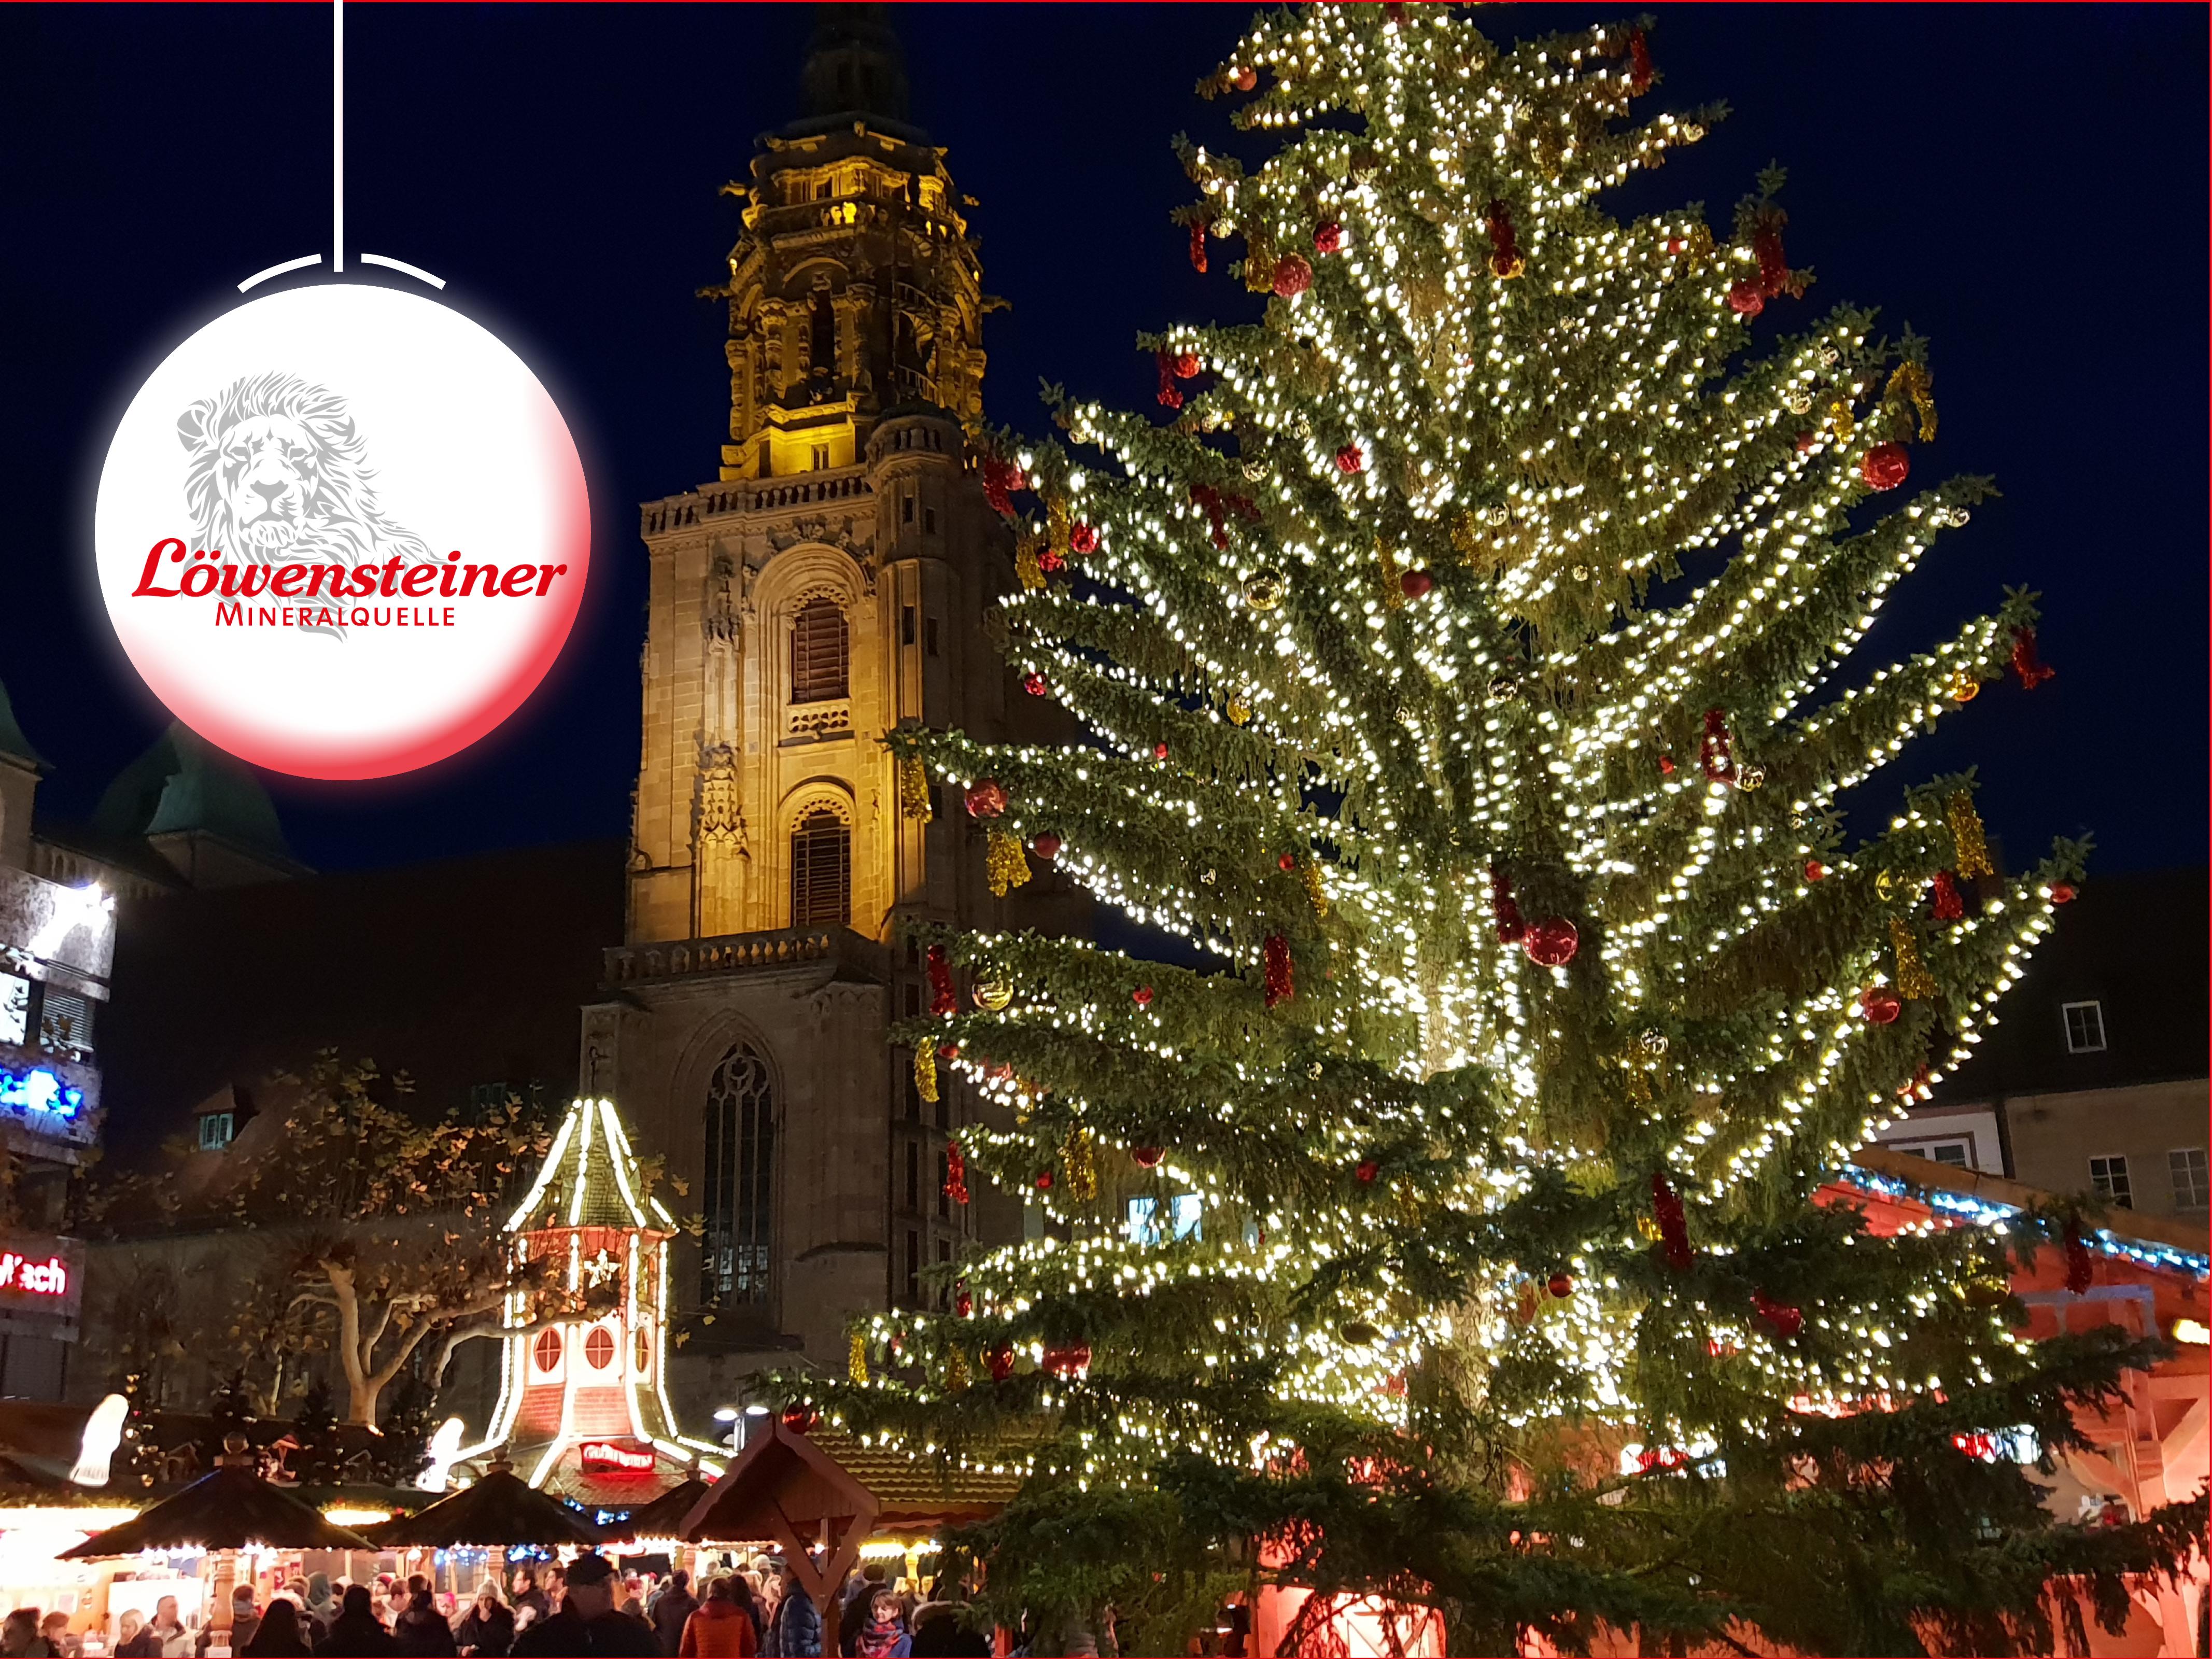 Weihnachtsmarkt Heilbronn.Heilbronner Weihnachtsmarkt 27 11 18 Bis 22 12 1018 Löwensteiner